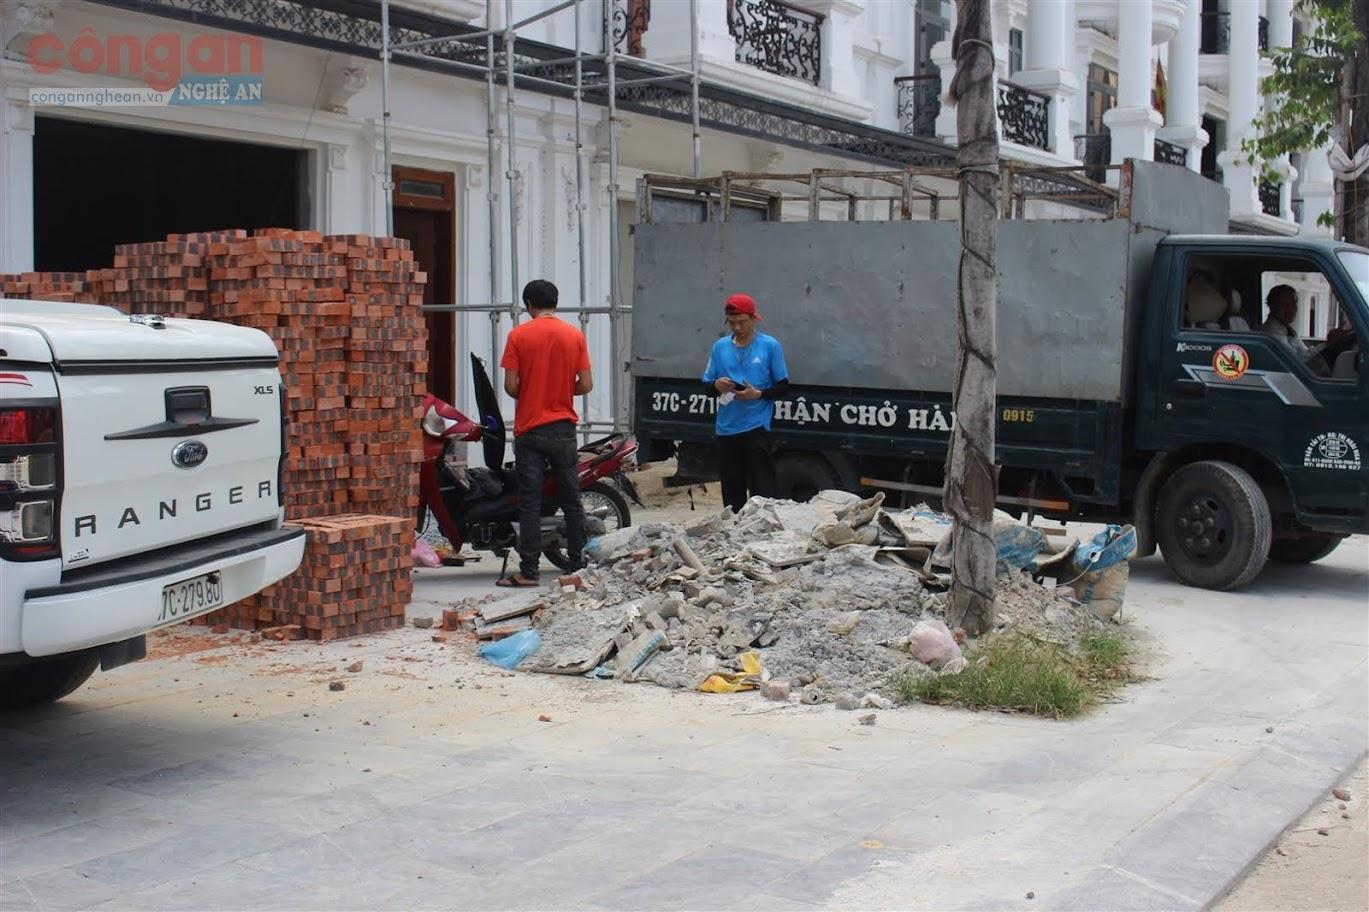 Nhiều công trình đang thi công cũng tập kết vật liệu xây dựng bừa bộn trên phần đường dành cho người đi bộ.